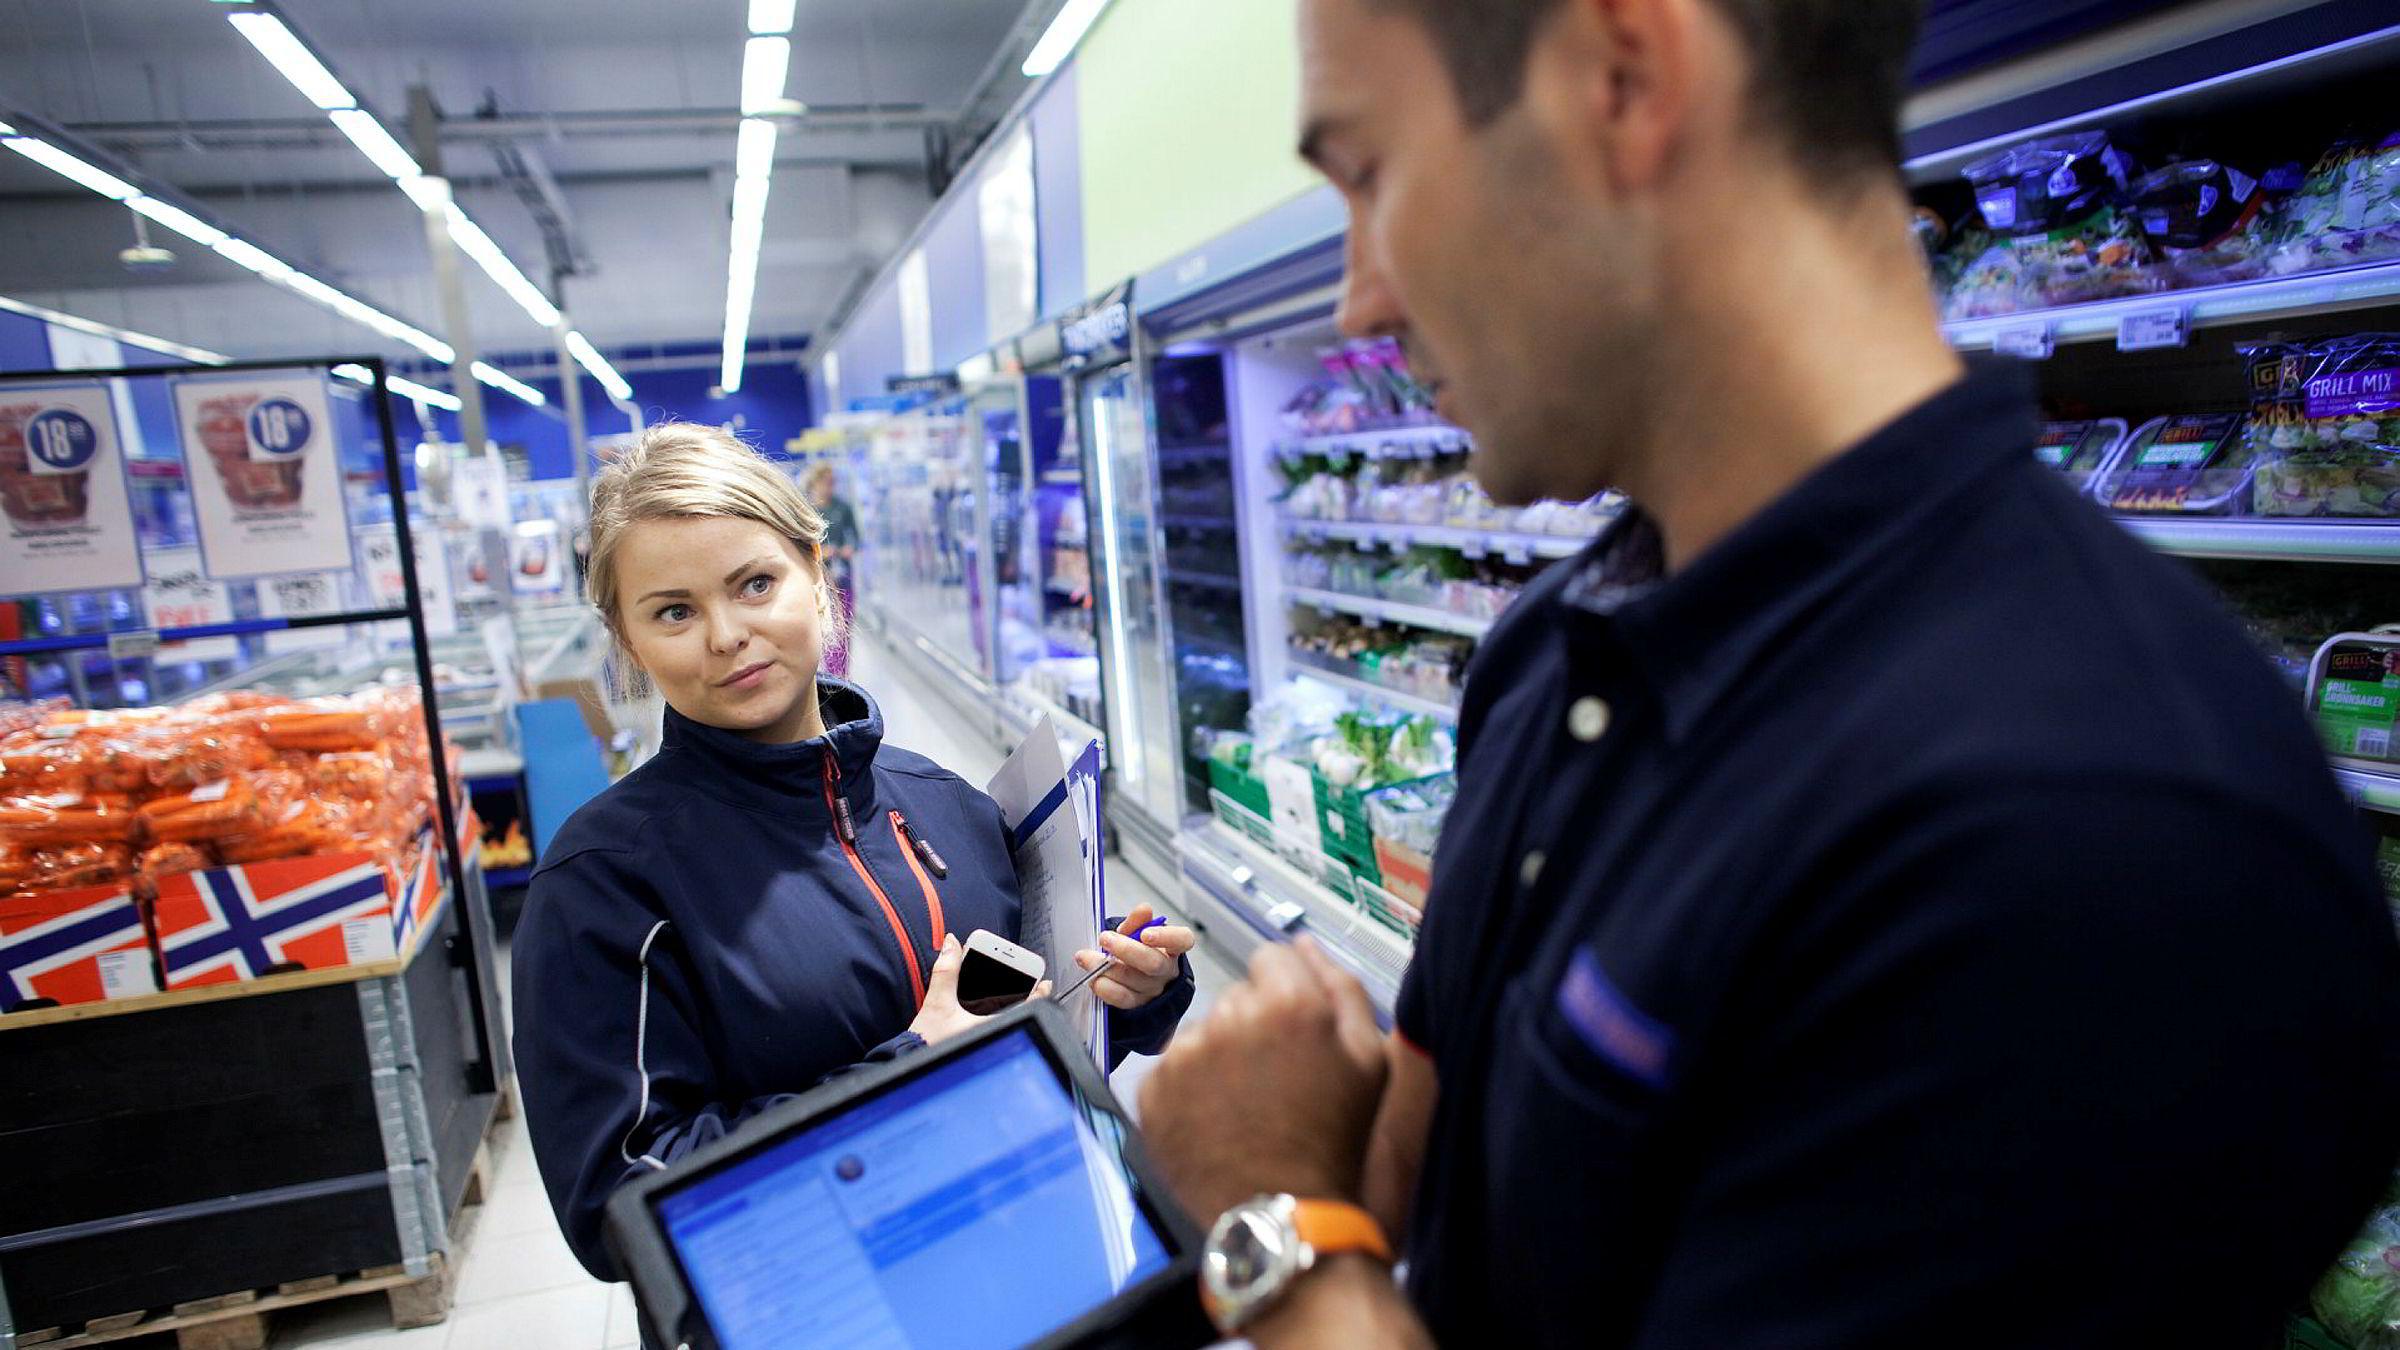 – Det er mye enklere nå, sier butikkansatt Lisa Marie Storhaug, som for eksempel lett kan bytte vakter med kolleger på mobilappen og holde kjøpmann Jone Tungland kontinuerlig oppdatert.